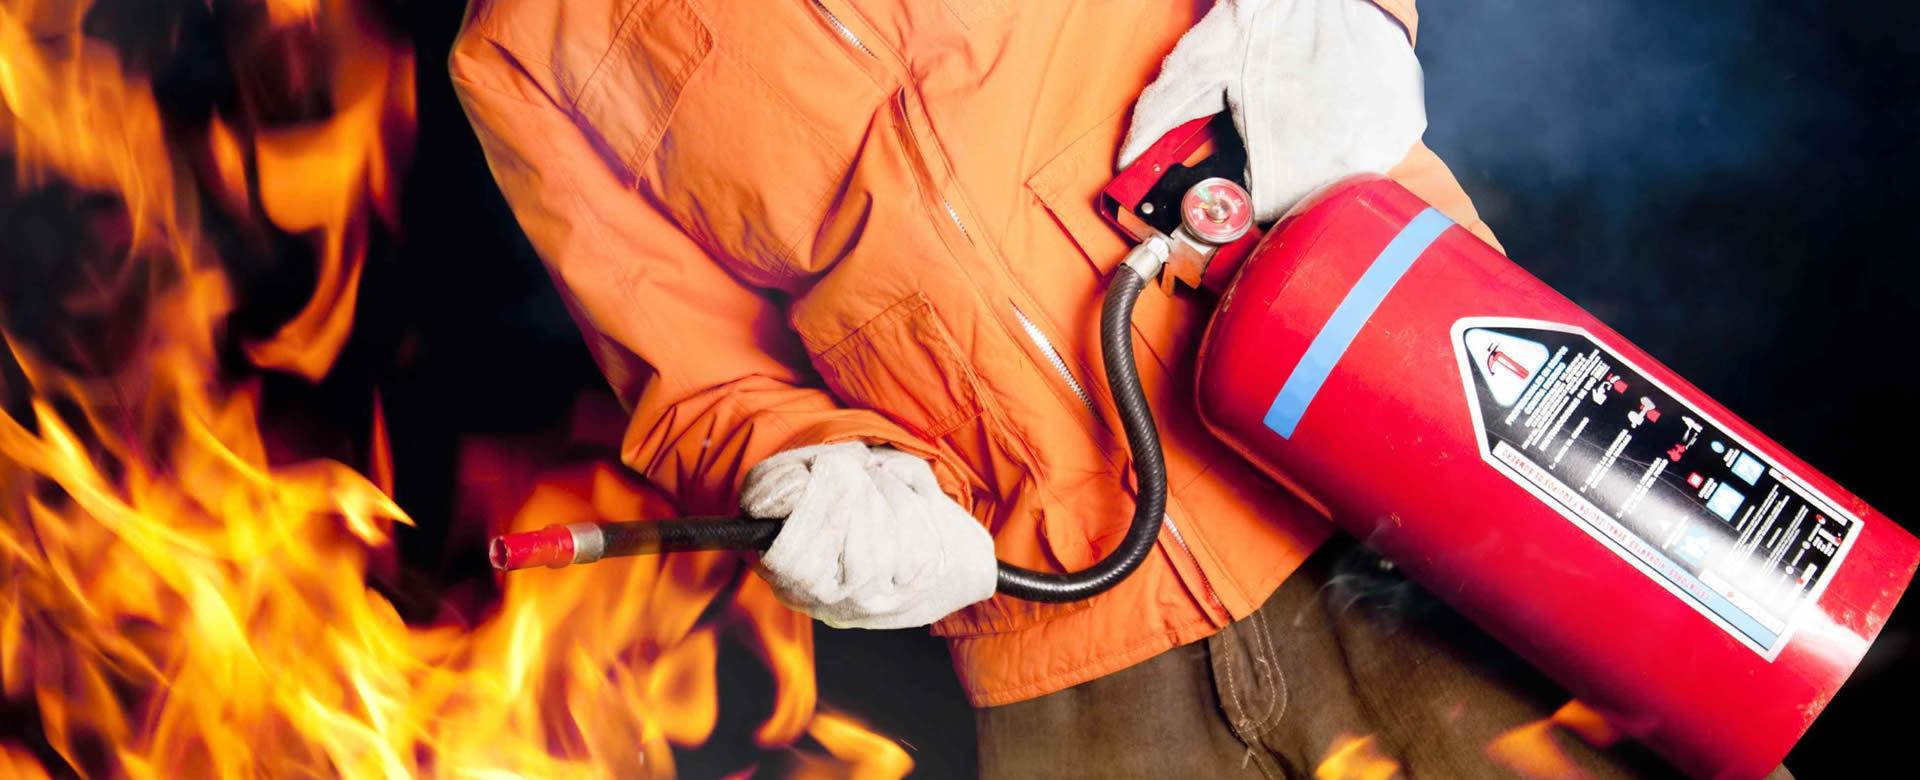 Antincendio Antinfortunistica